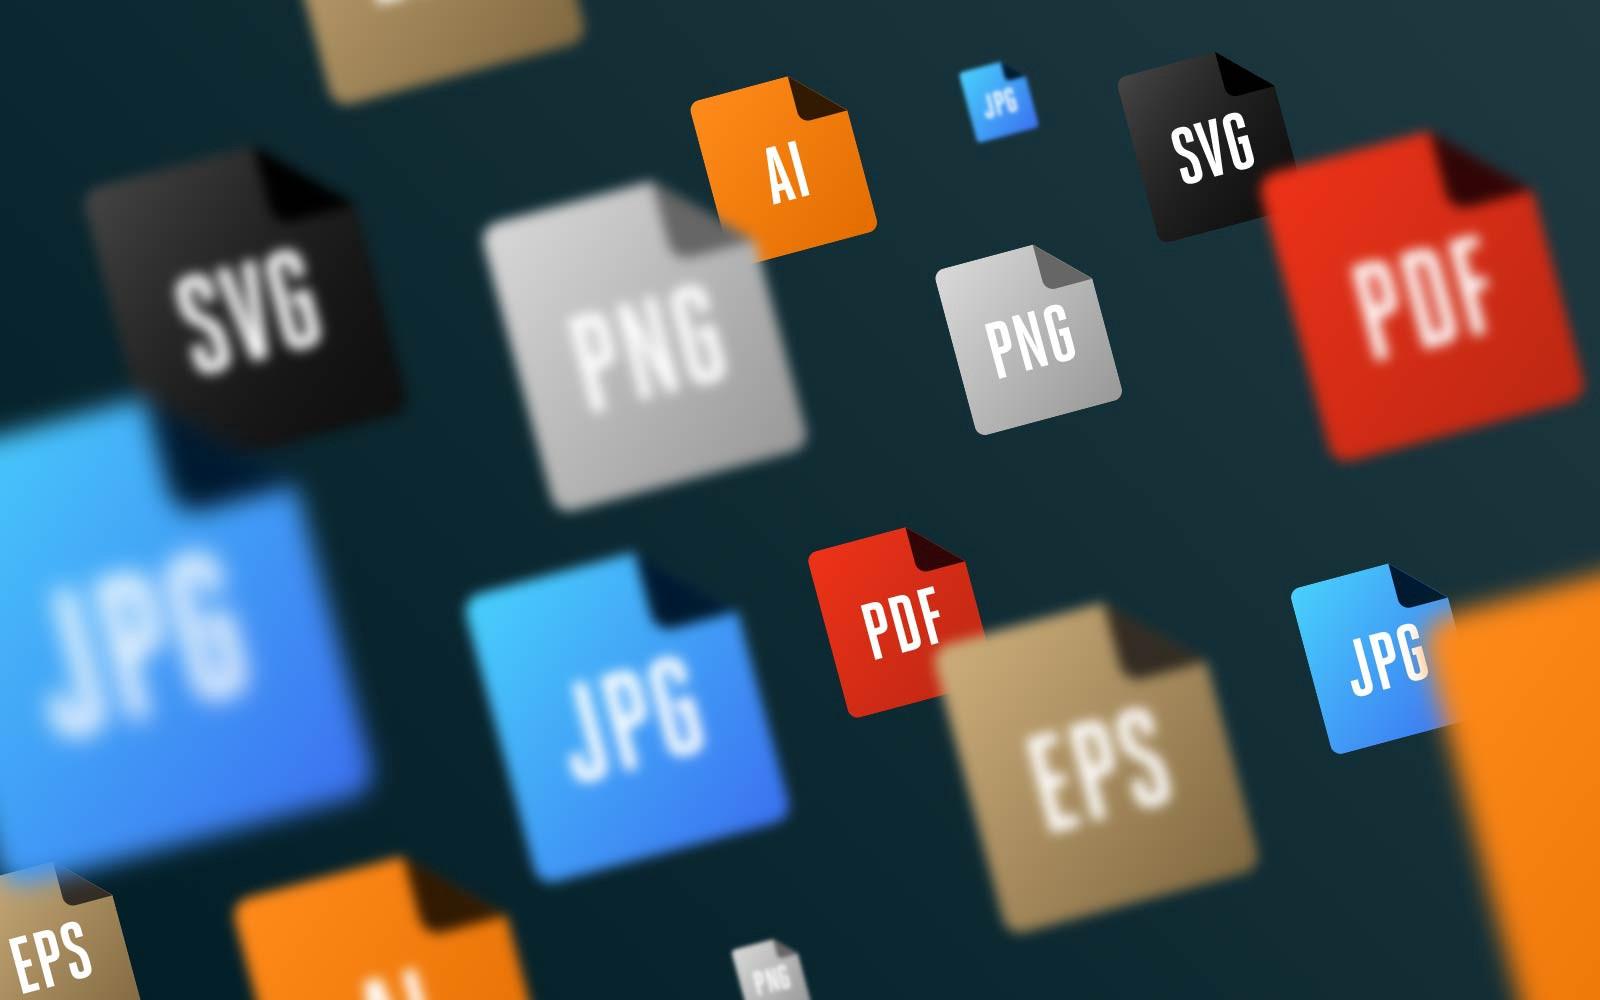 Cẩm nang sử dụng các định dạng file dành cho logo